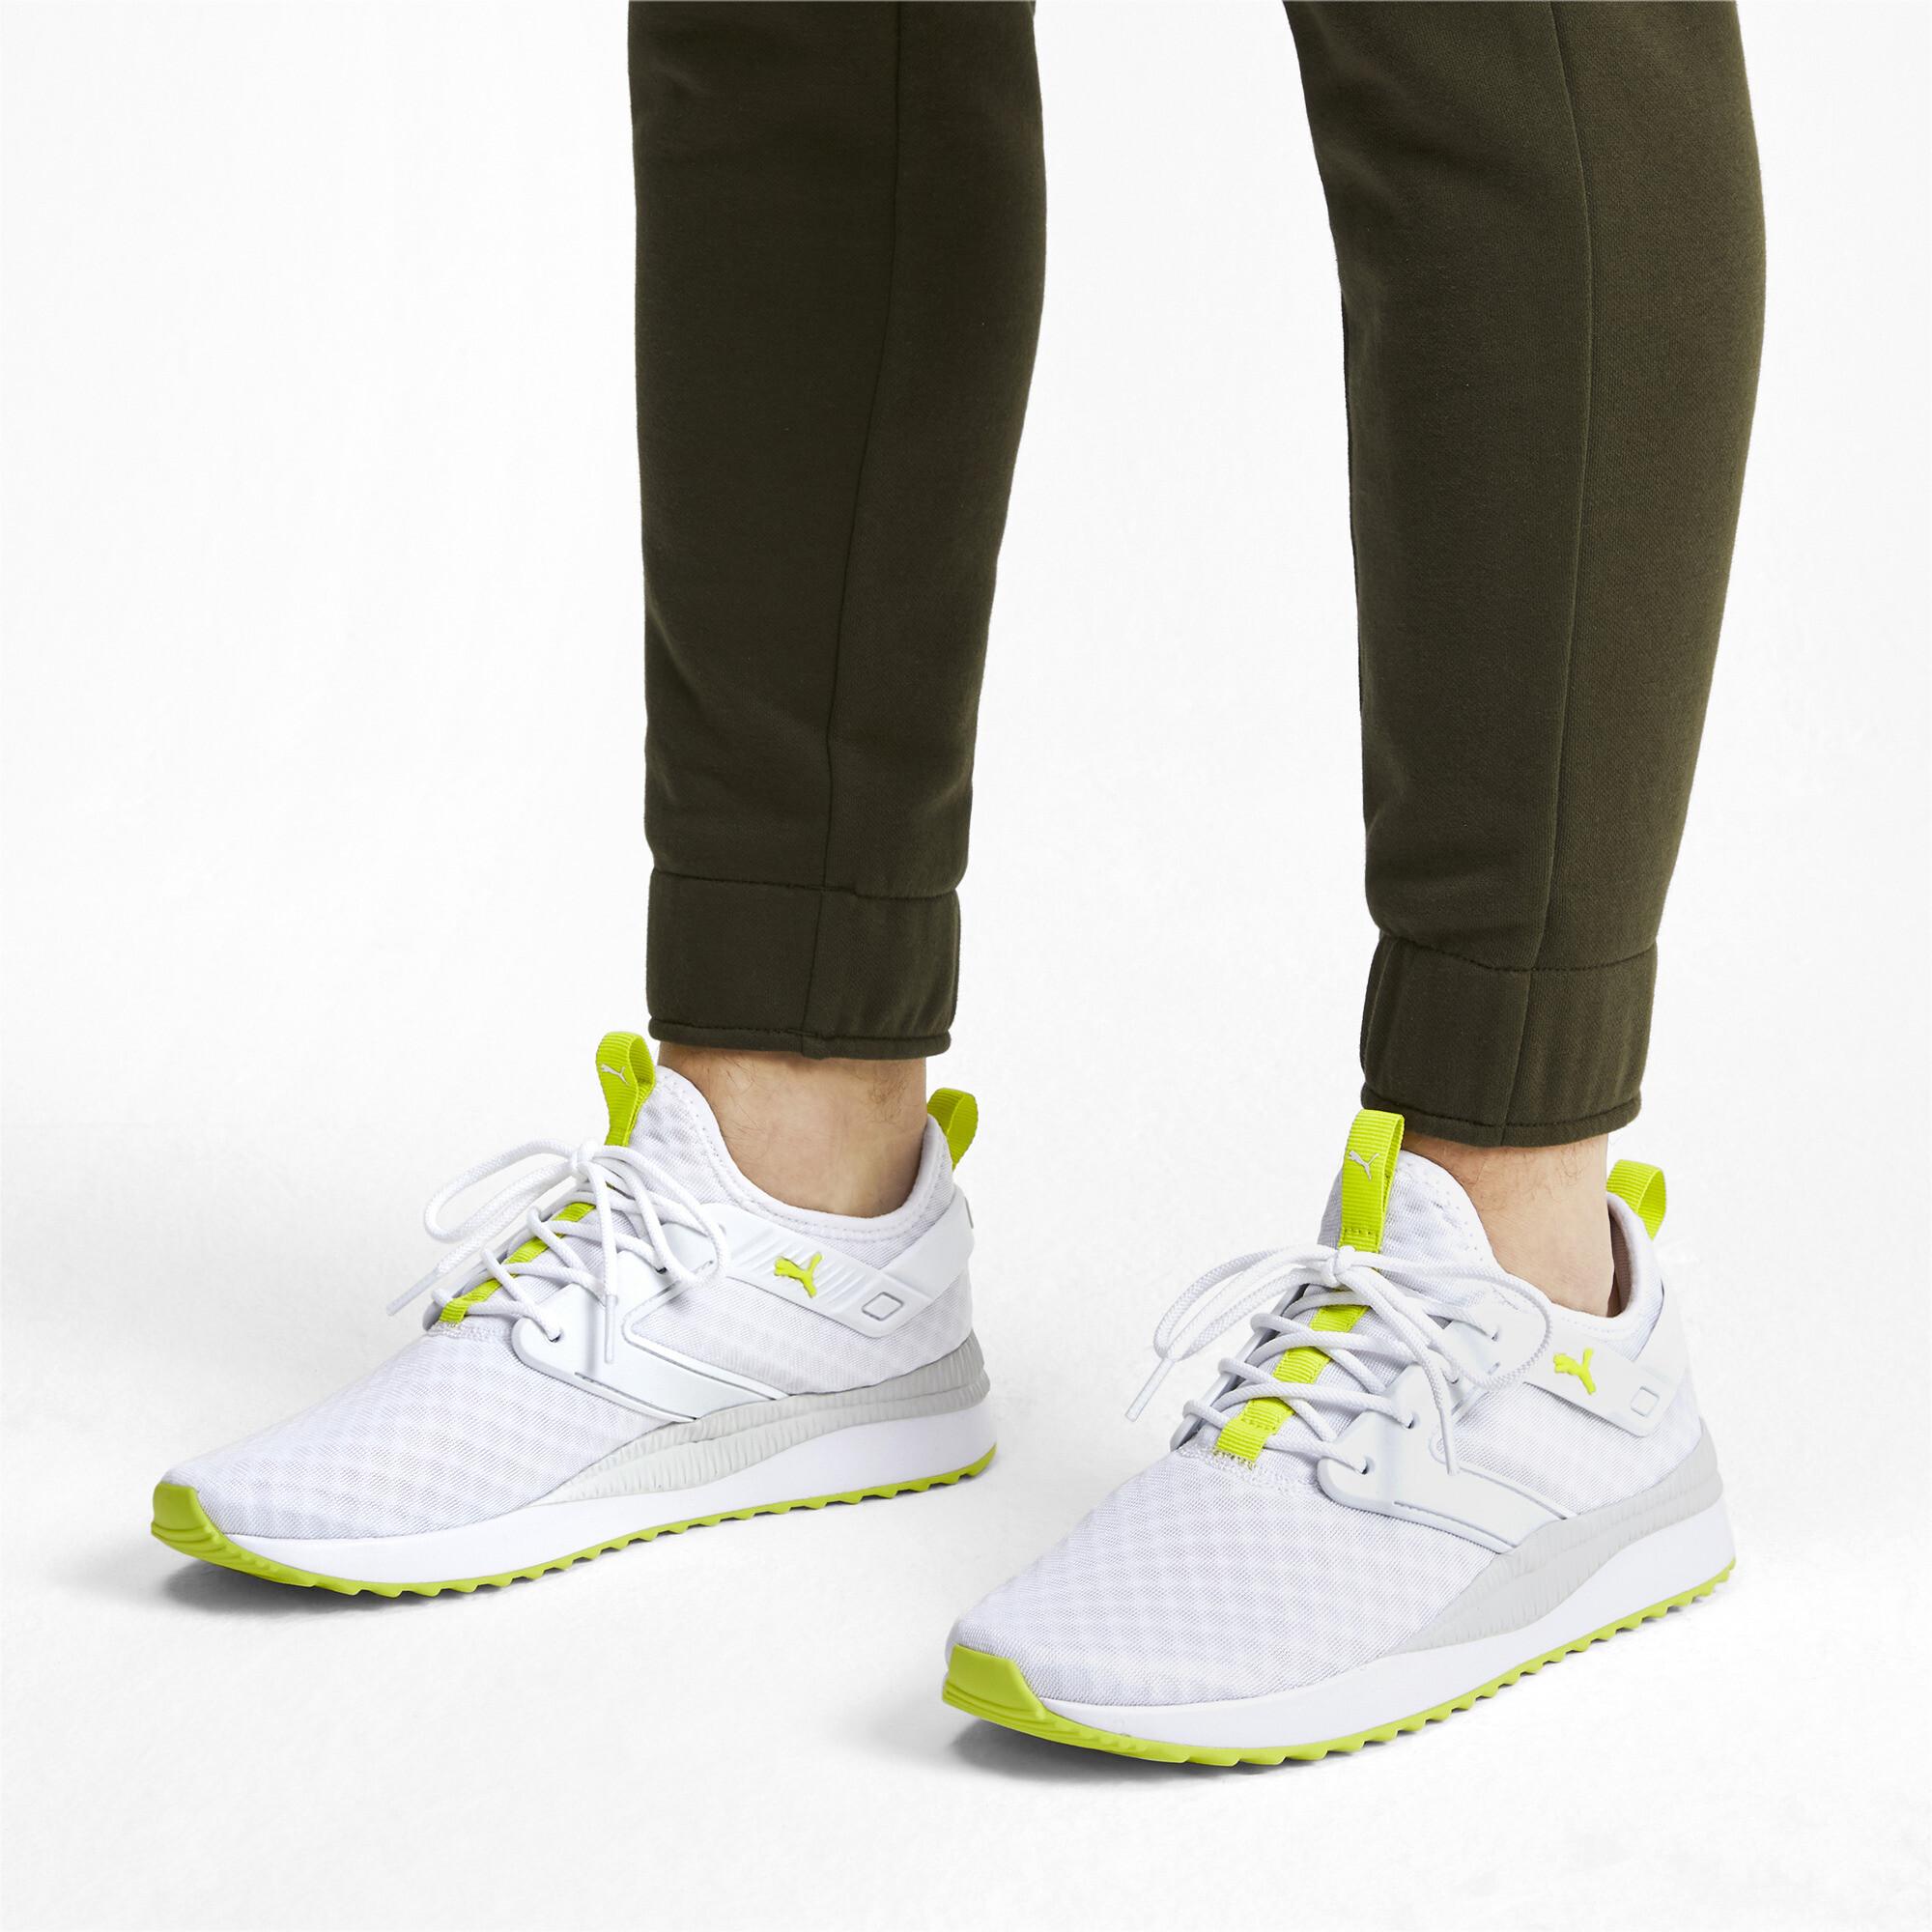 PUMA-Pacer-Next-Excel-Core-Men-039-s-Sneakers-Men-Shoe-Basics thumbnail 10